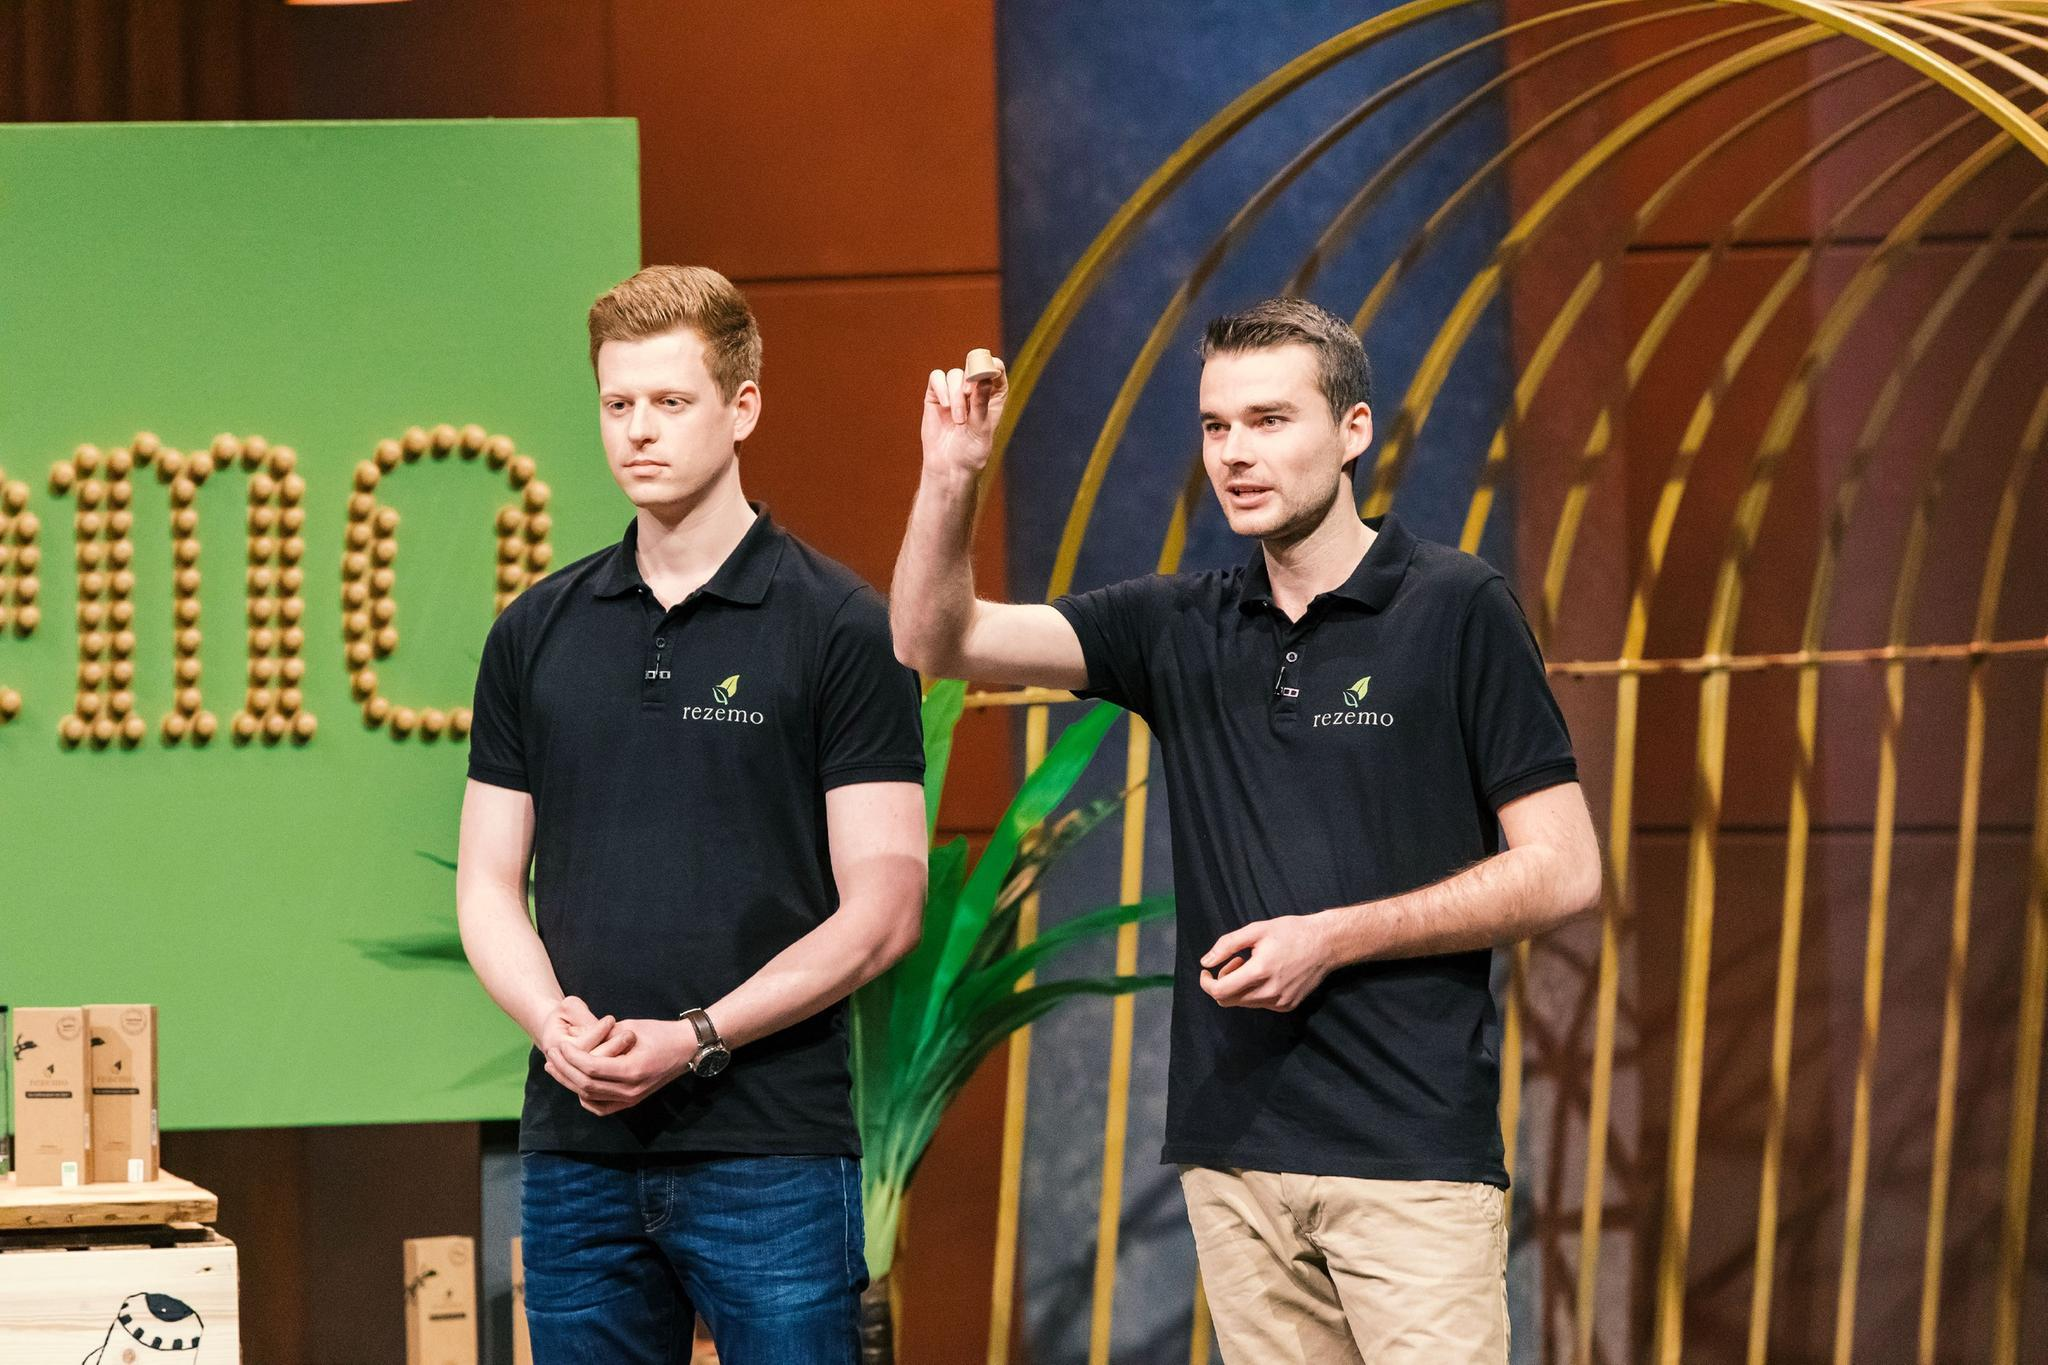 """Stefan Zender (l.) und Julian Reitze präsentieren bei """"Höhle der Löwen"""" mit """"Rezemo"""" Kaffeekapseln aus Holz."""